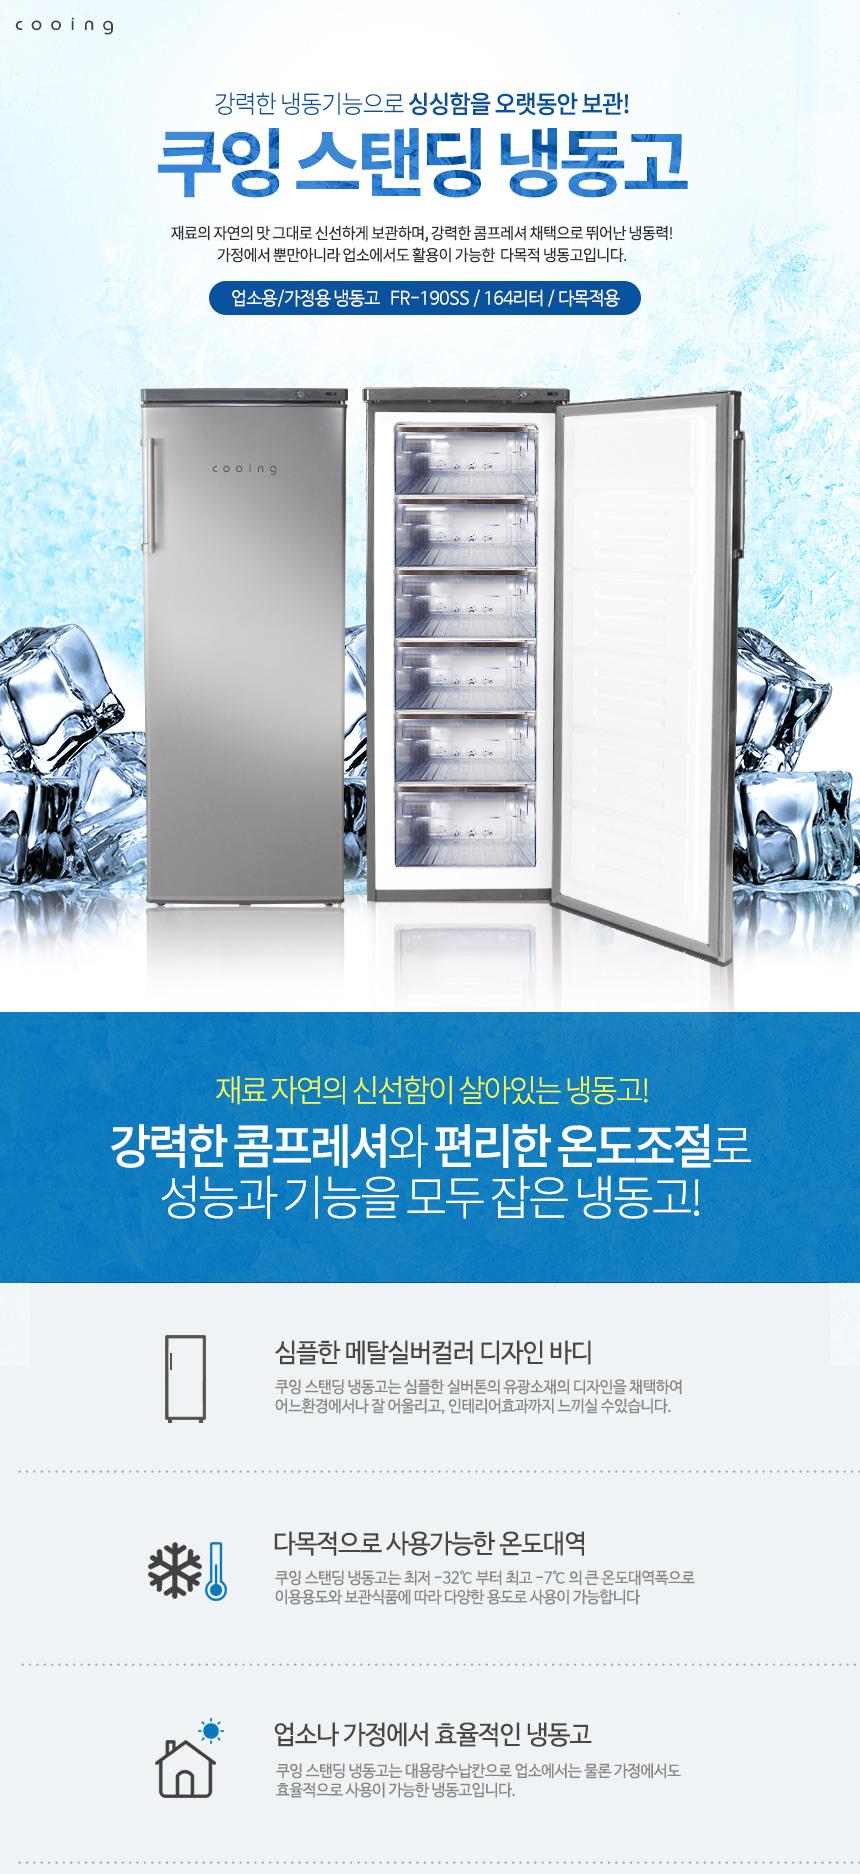 상세페이지1, FR-190SS, 쿠잉 스탠딩 냉동고, 164L, 업소용, 가정용, 다목적용